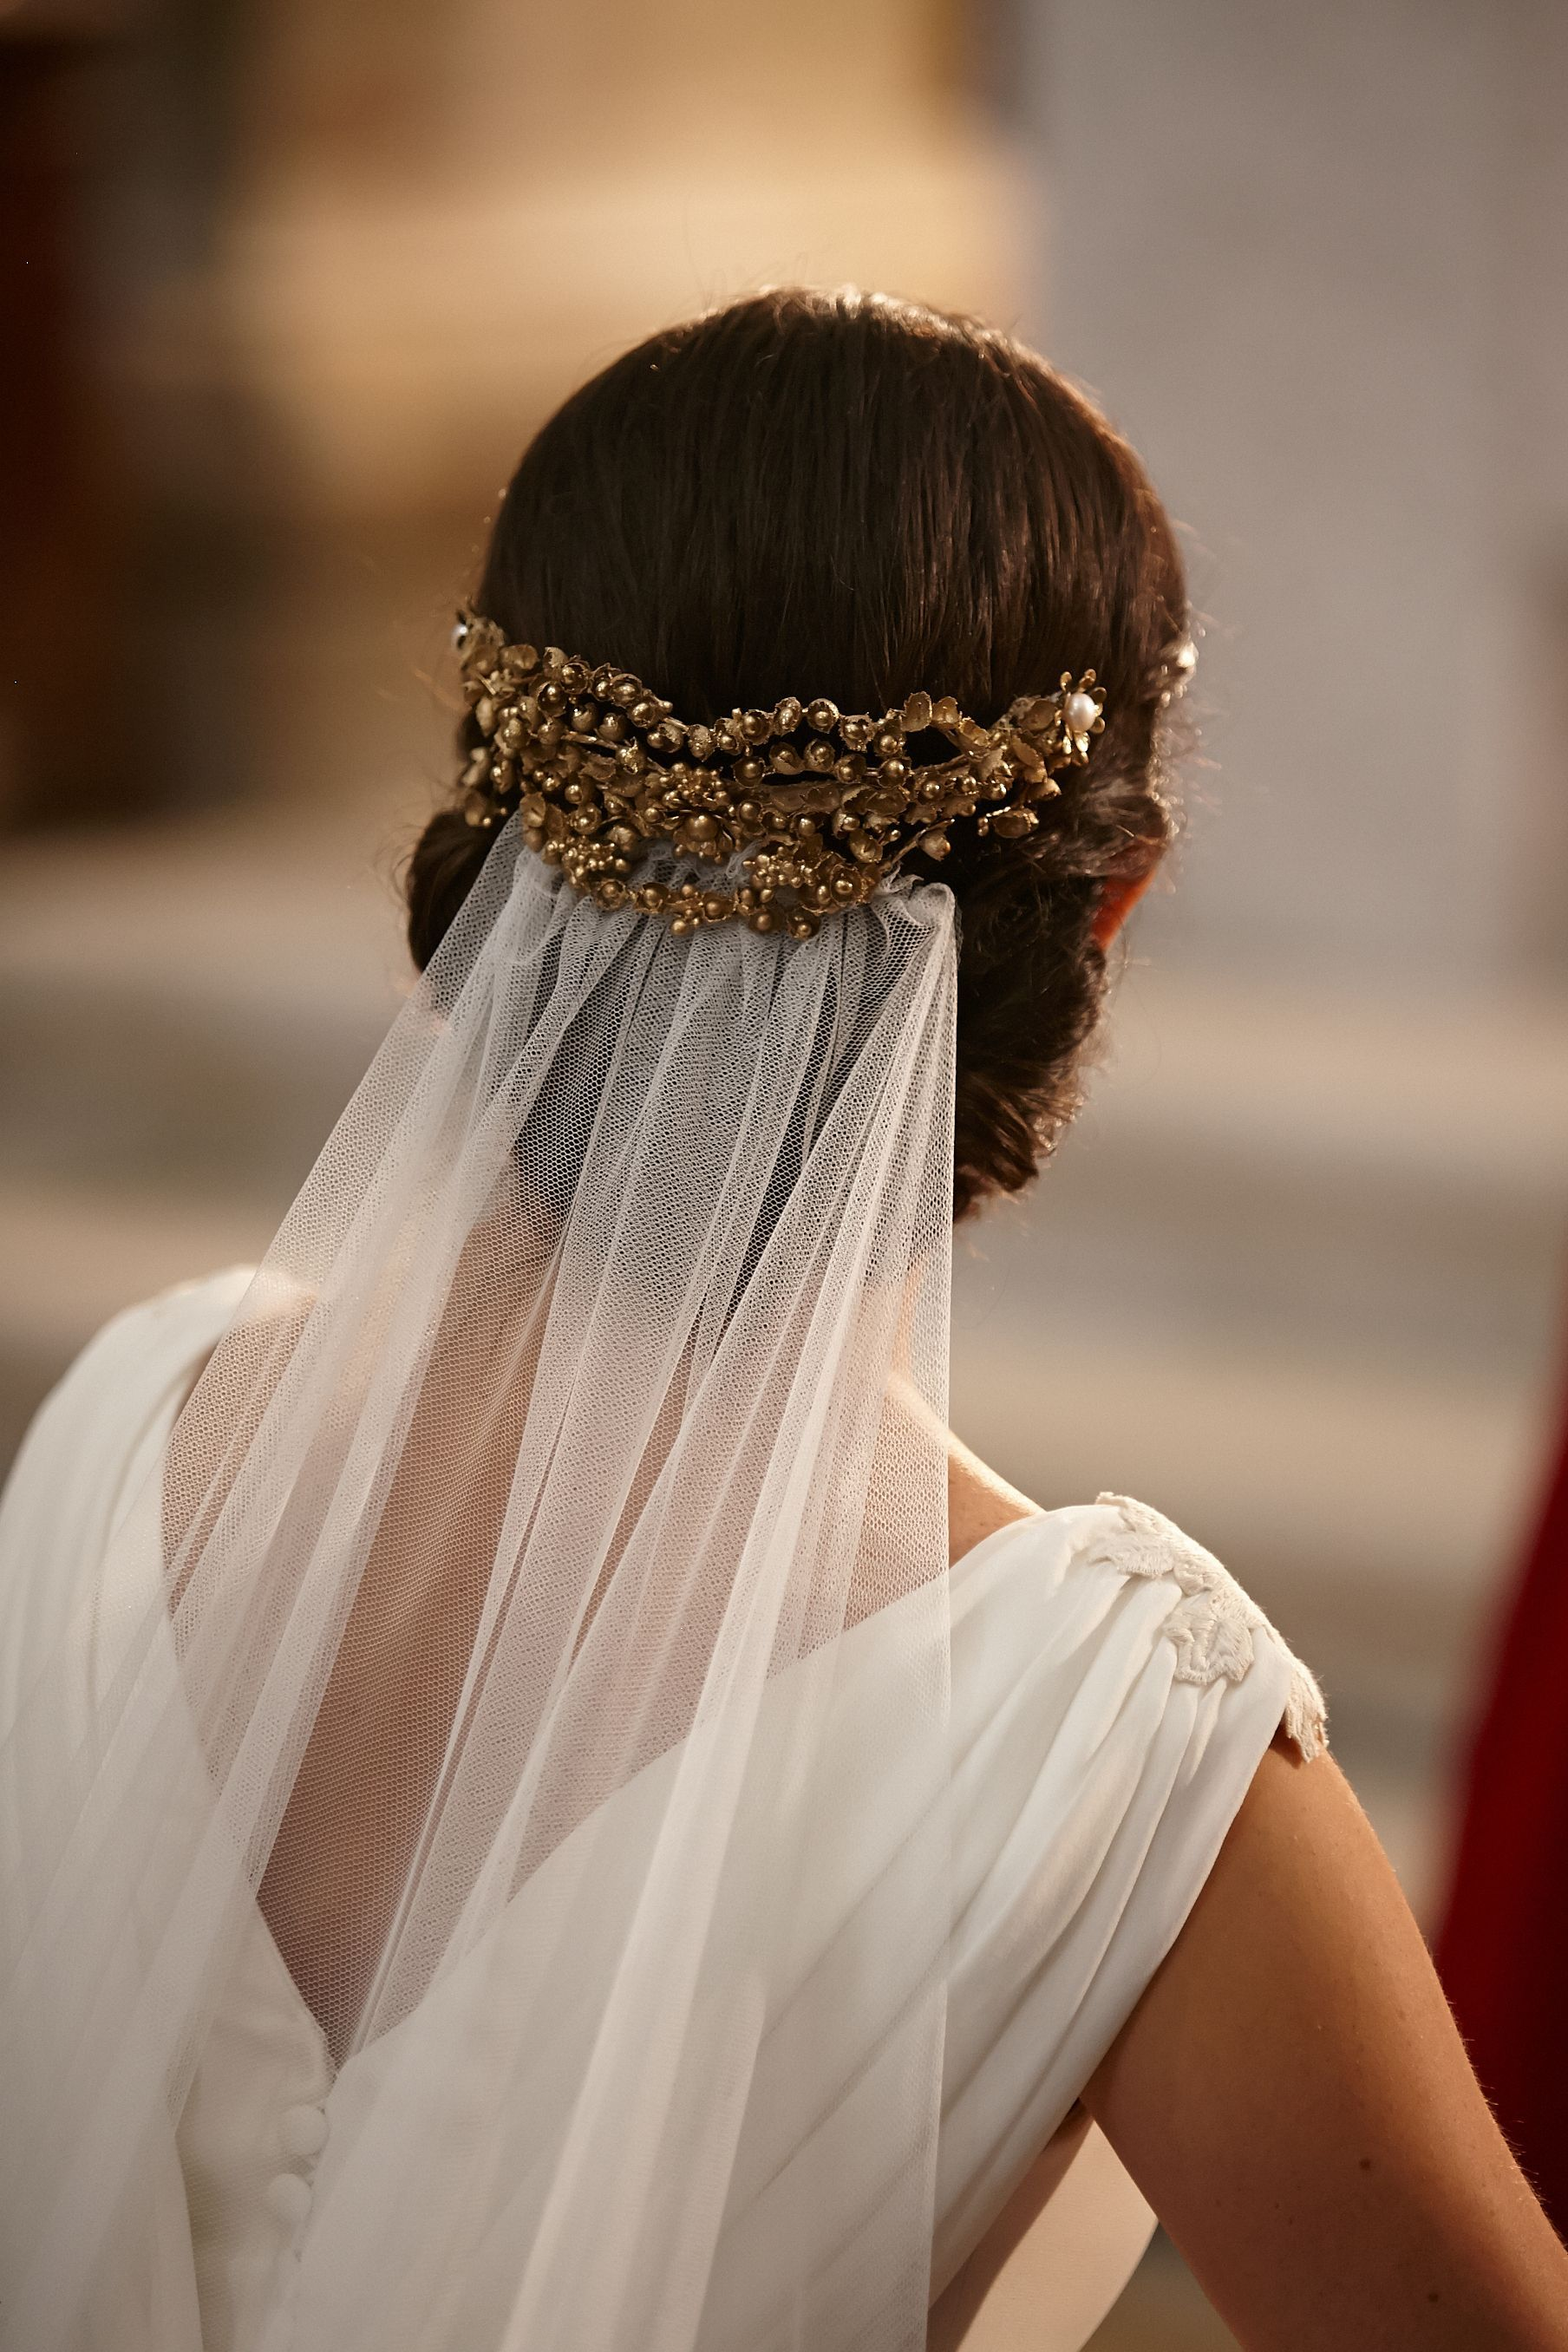 Formas de moda también peinados para mantilla Colección de ideas de color de pelo - A8J5391.jpg (1808×2712) | Mantillas de novia, Velos de ...